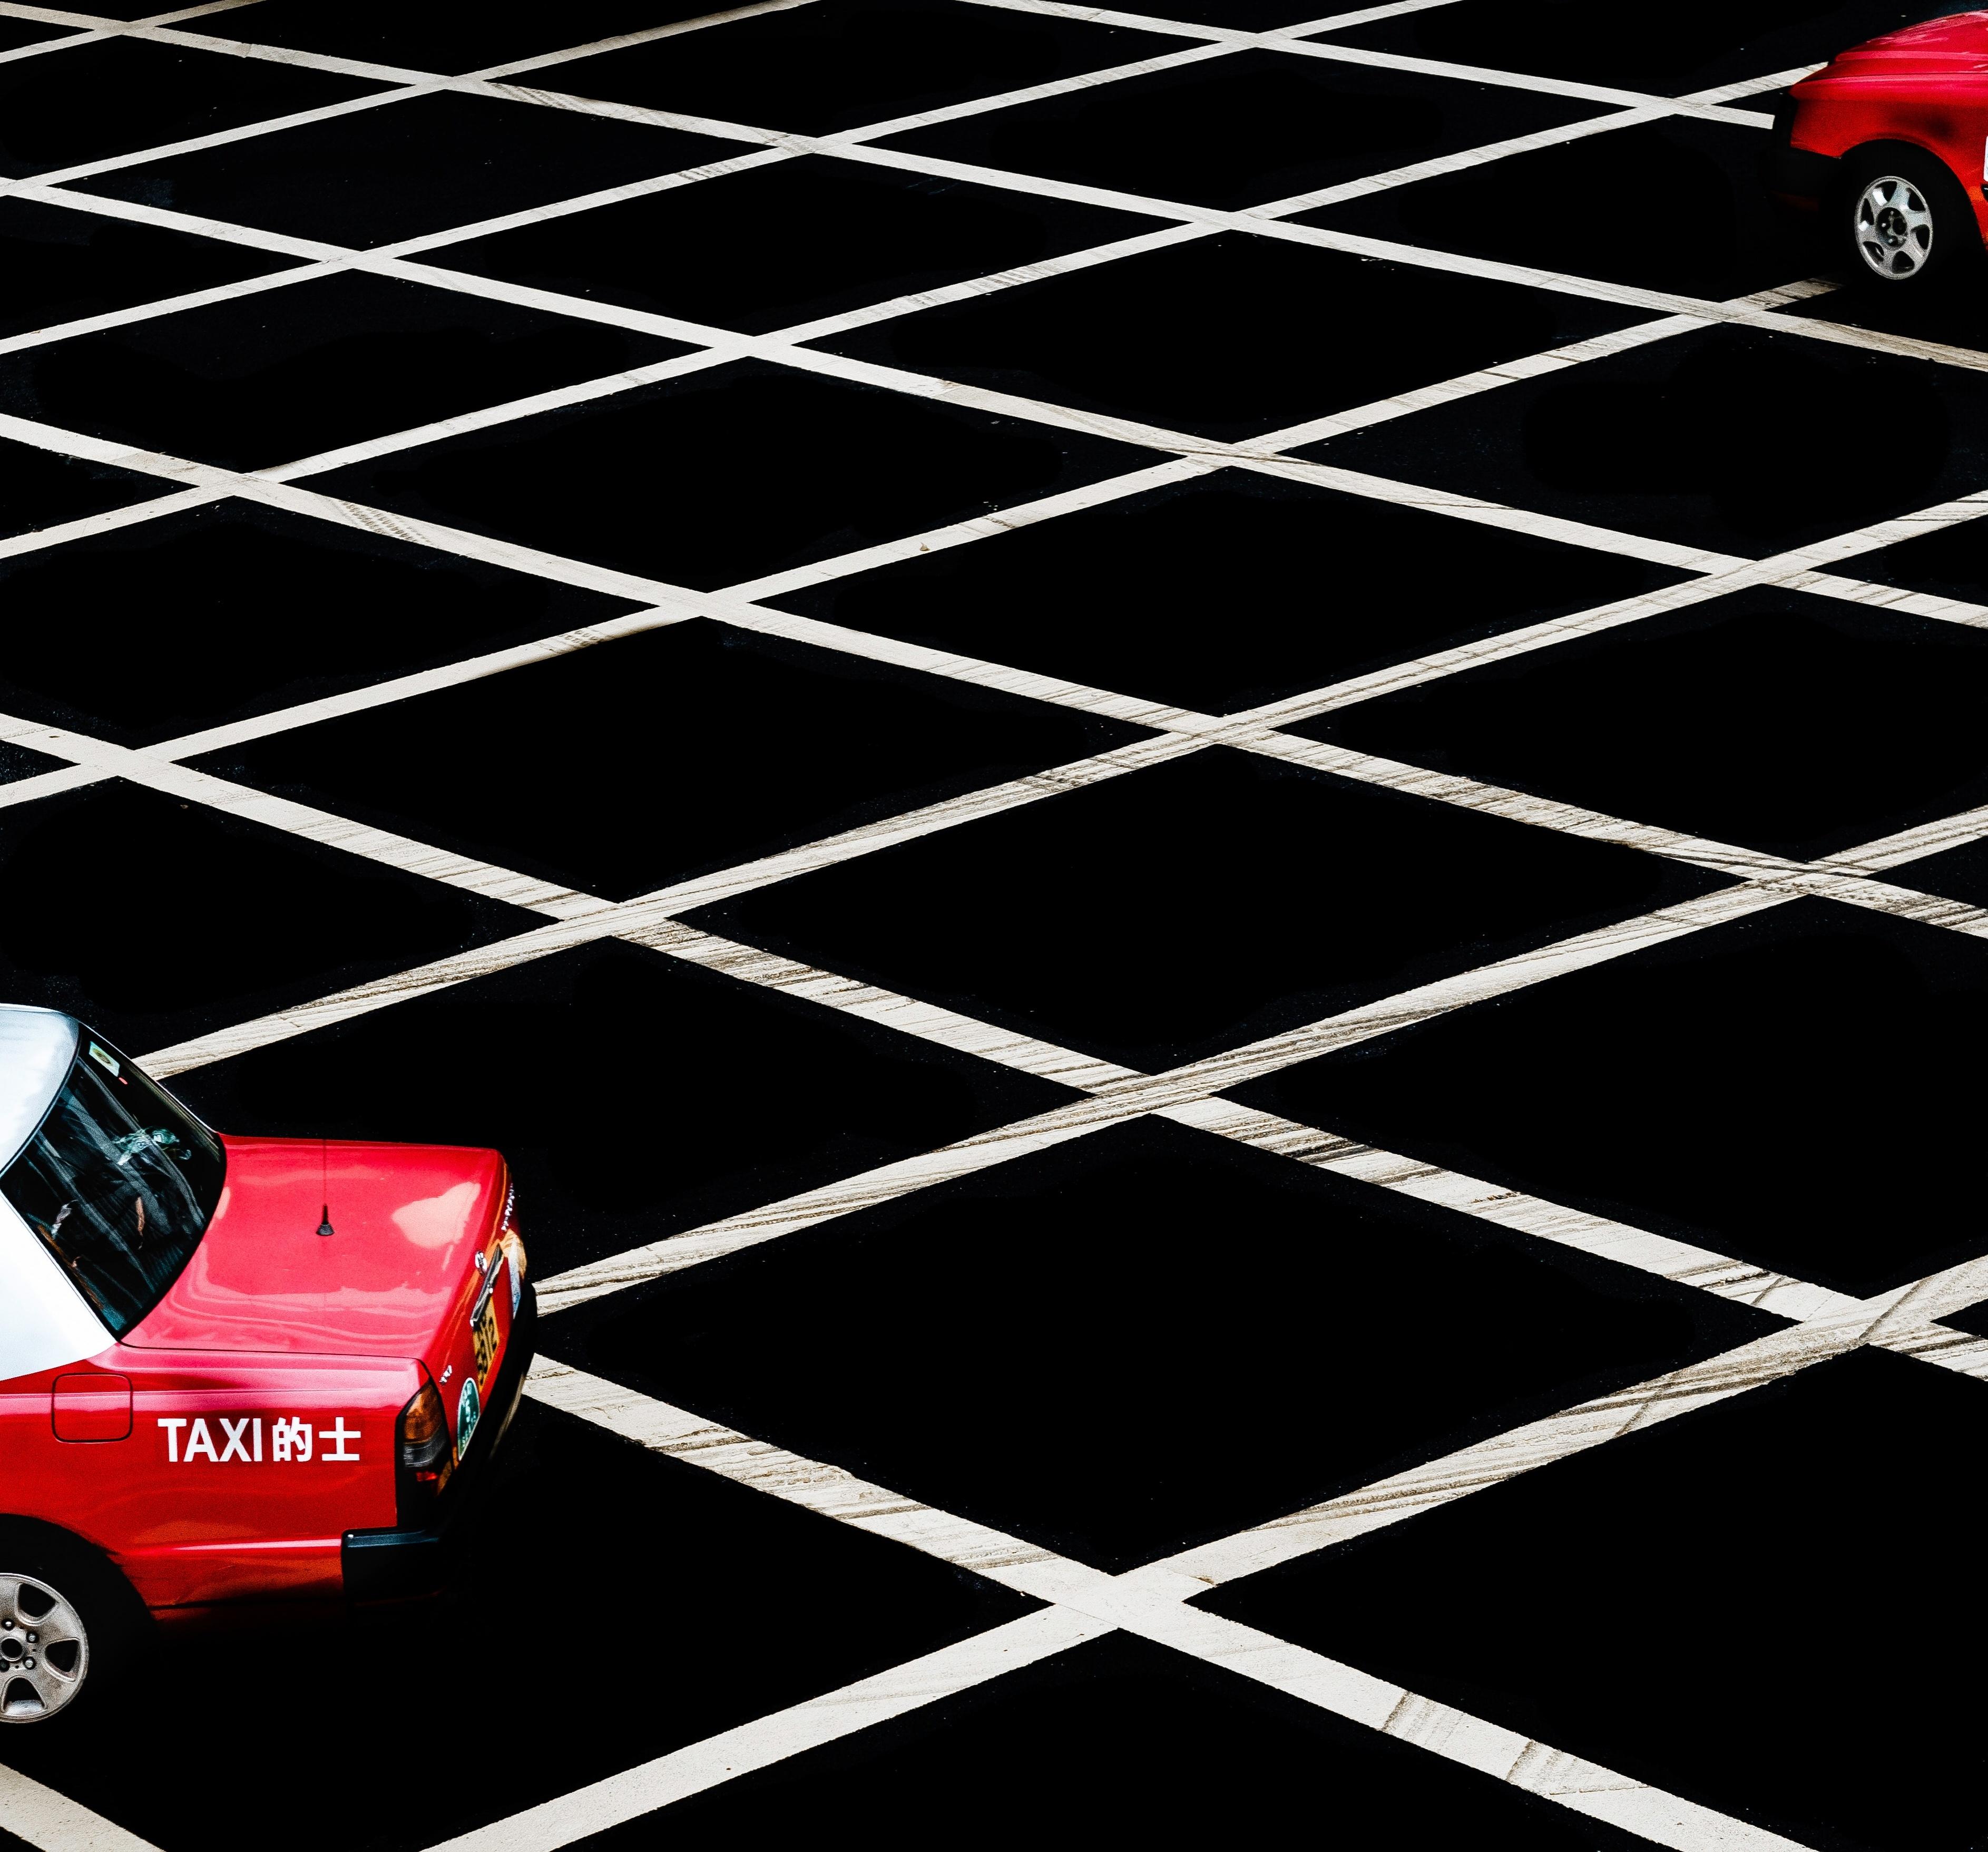 Hong Kong_graphic_taxi-264531-edited.jpg